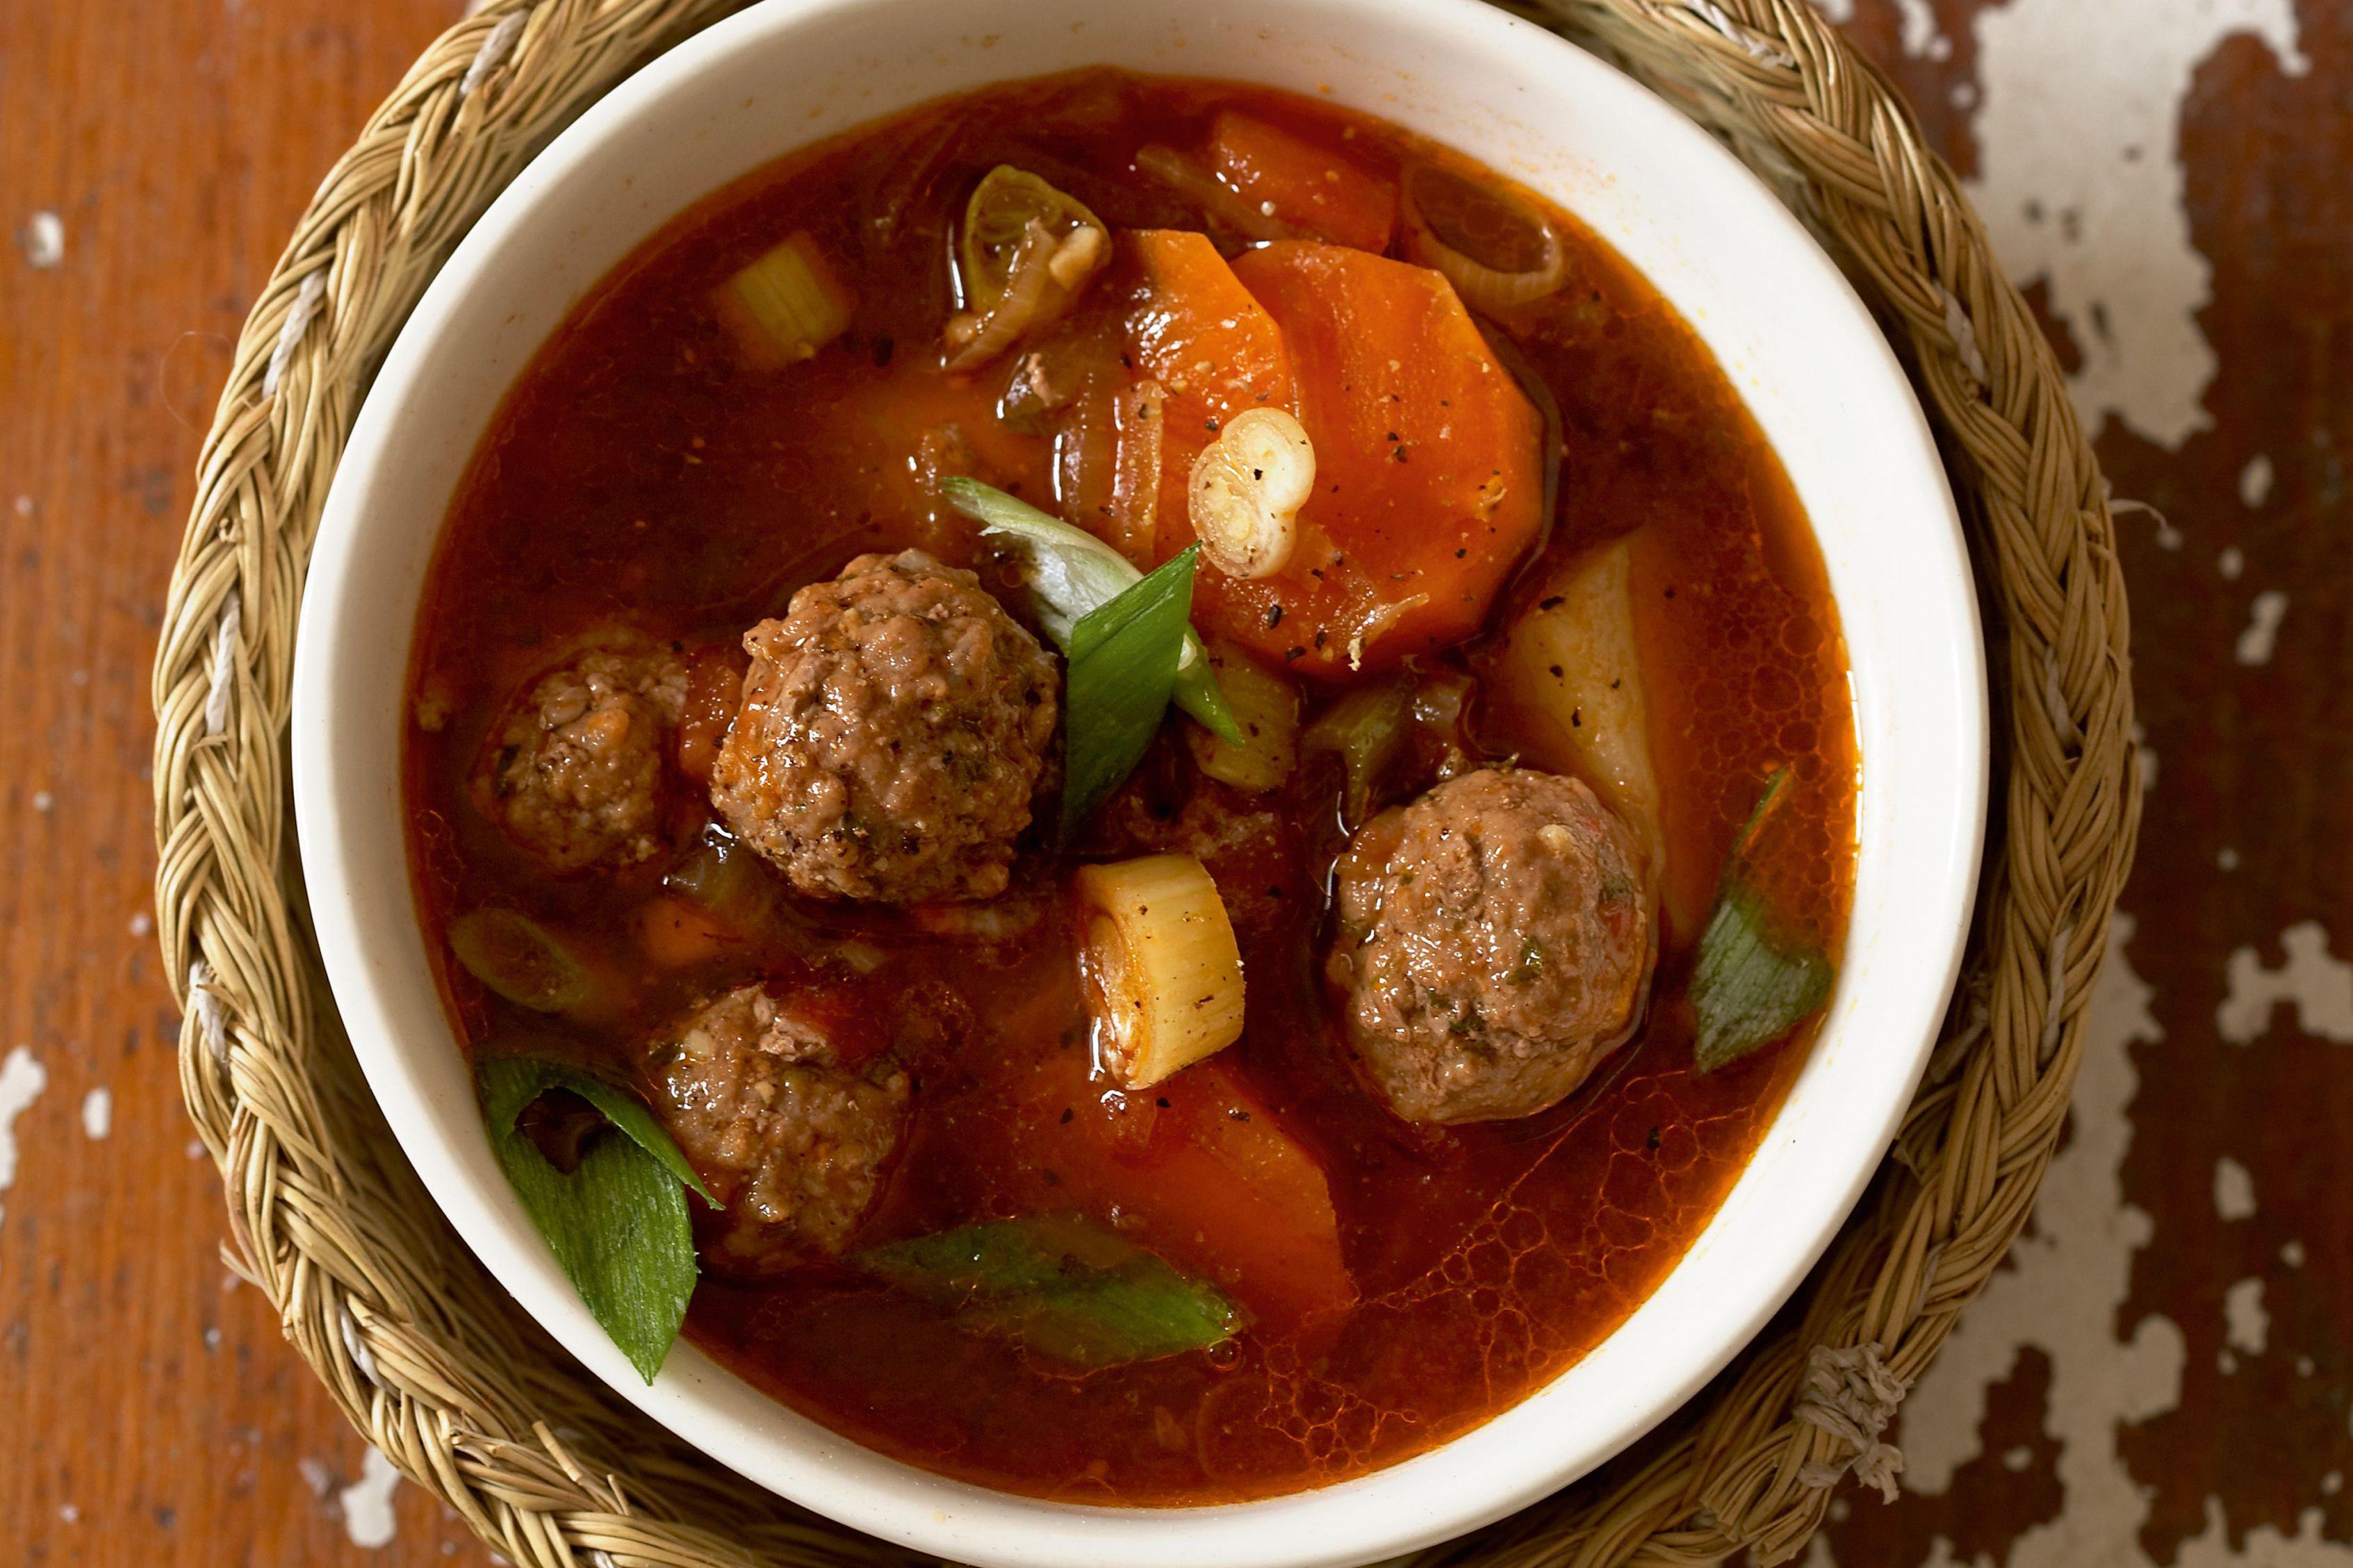 Tomato Meatball Soup